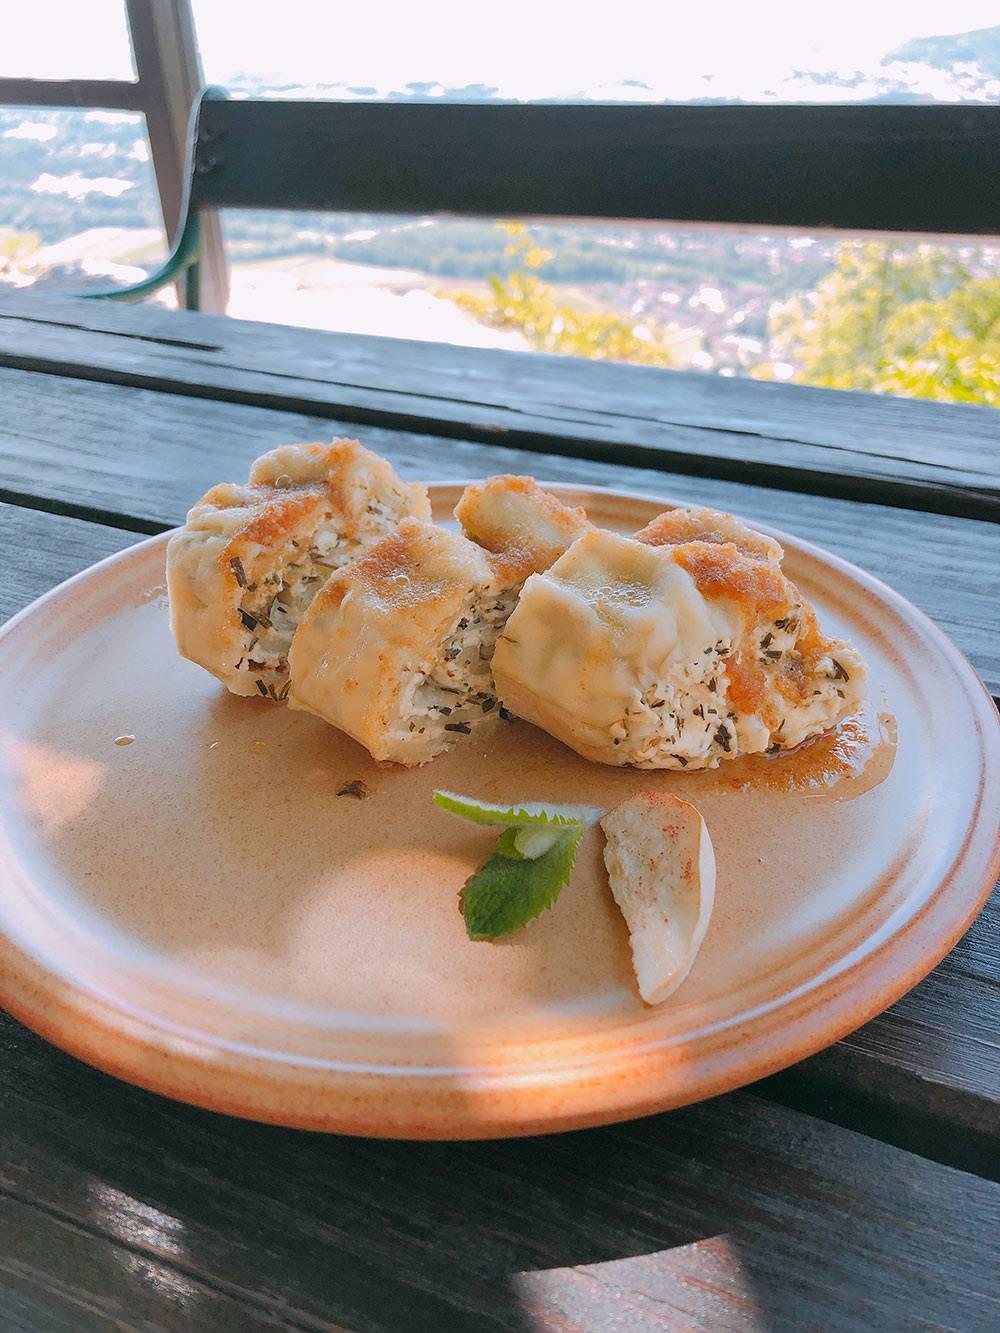 Сладкие штрукли с творожной начинкой и яблочно-карамельным соусом на Шмарна-горе около Любляны